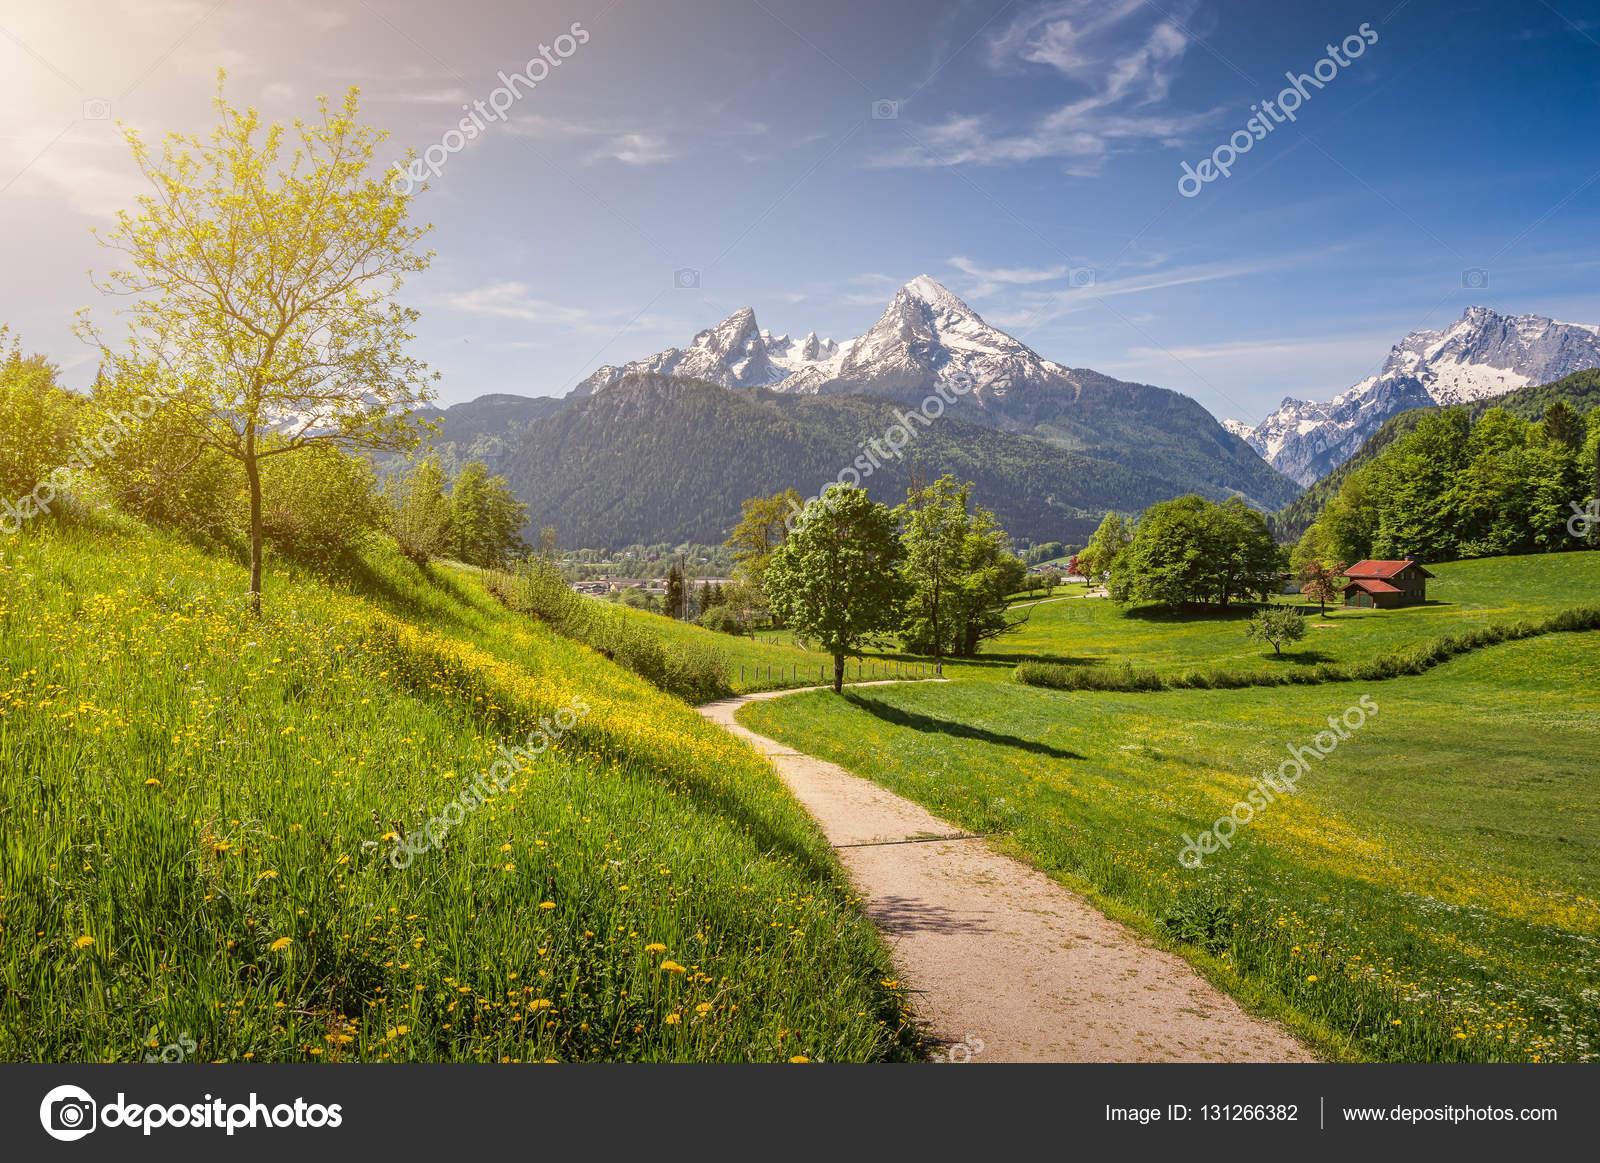 Paesaggio Alpino Idilliaco Con Prati In Fiore E Cime Delle Montagne